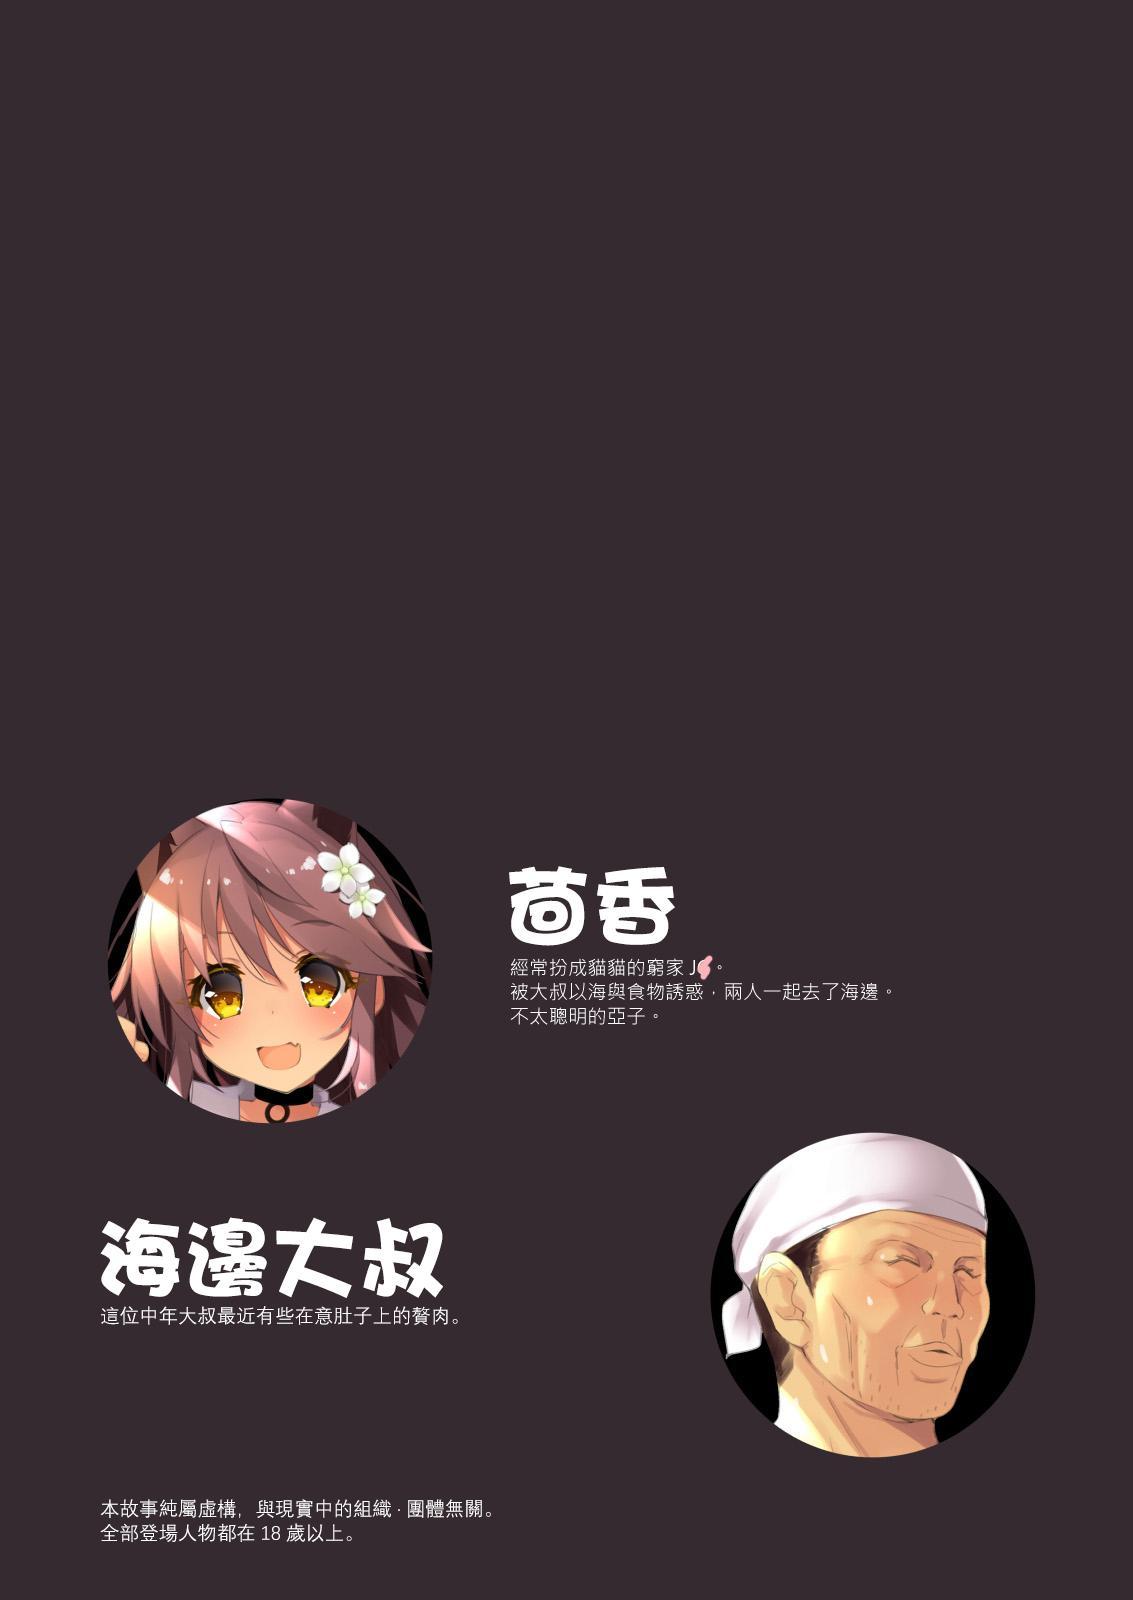 Neko Neko Note 6 Natsu no Umi de Tanetsuke Sex Suru Hon   Neko Neko Note 6 夏日海灘交配日記 2